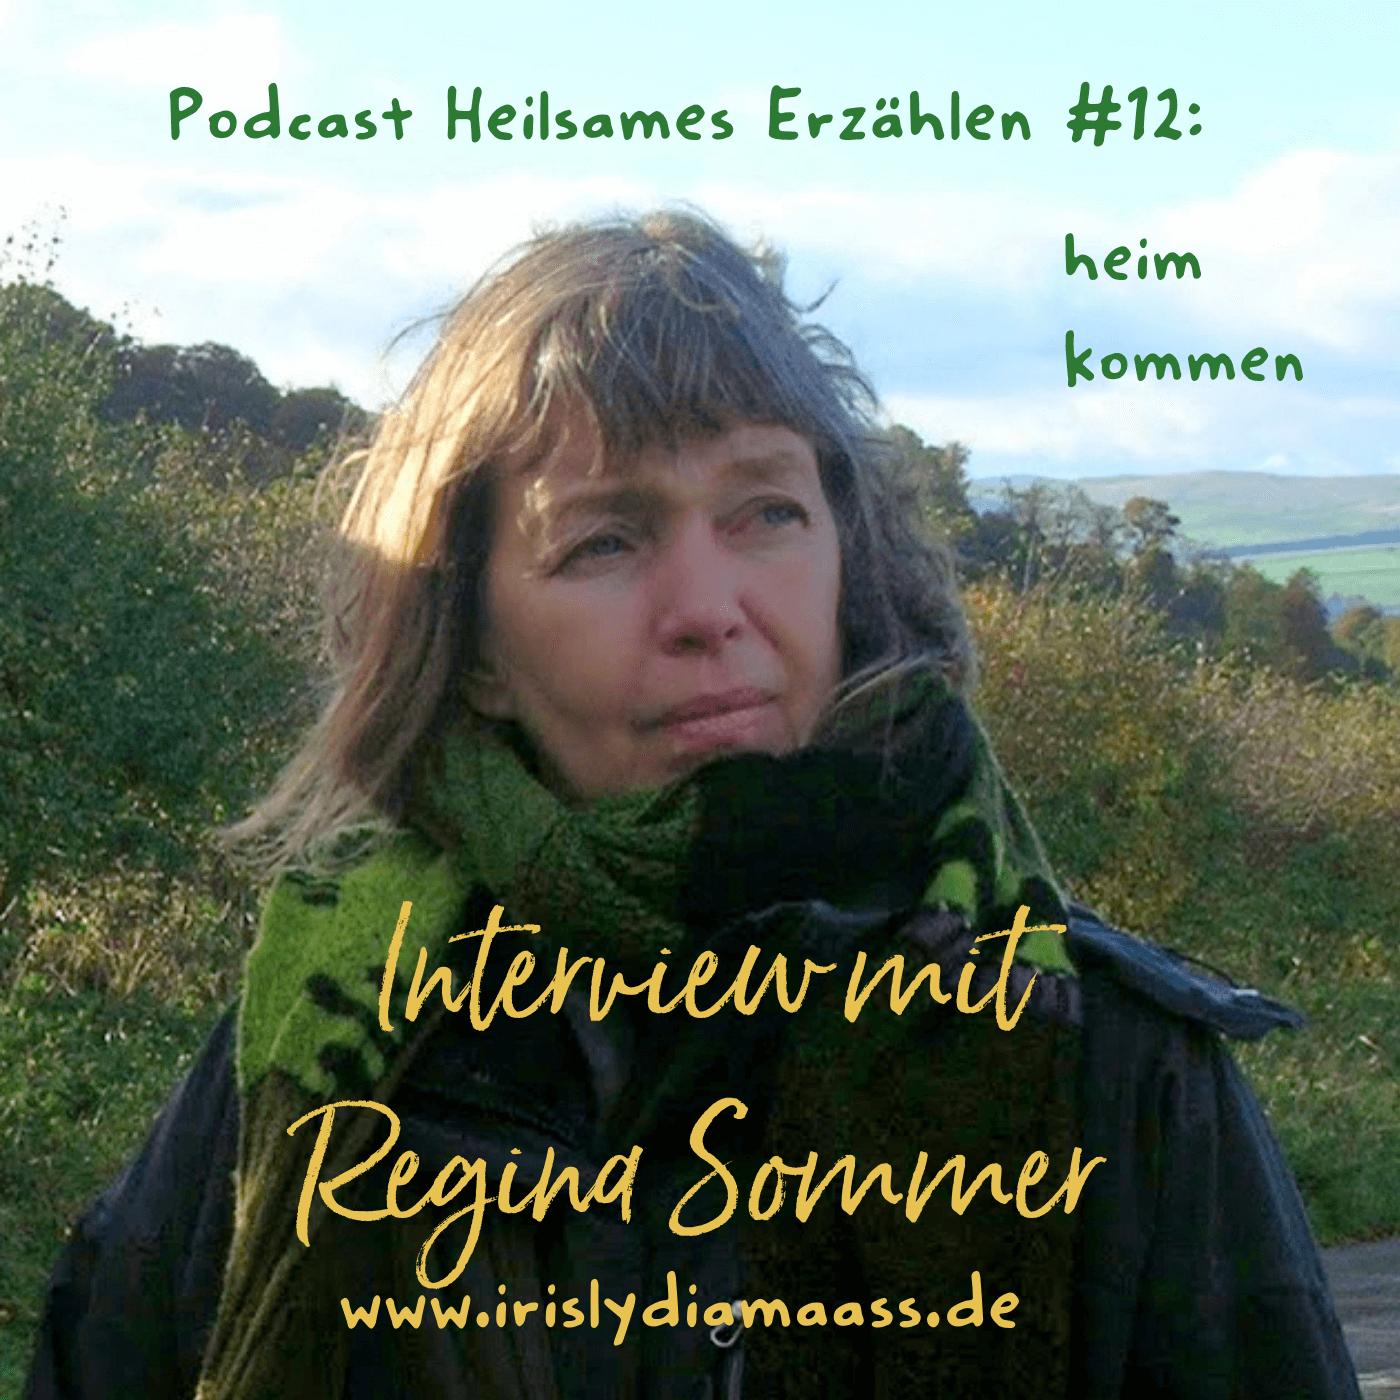 Podcast Heilsames Erzählen #12: Interview mit Regina Sommer